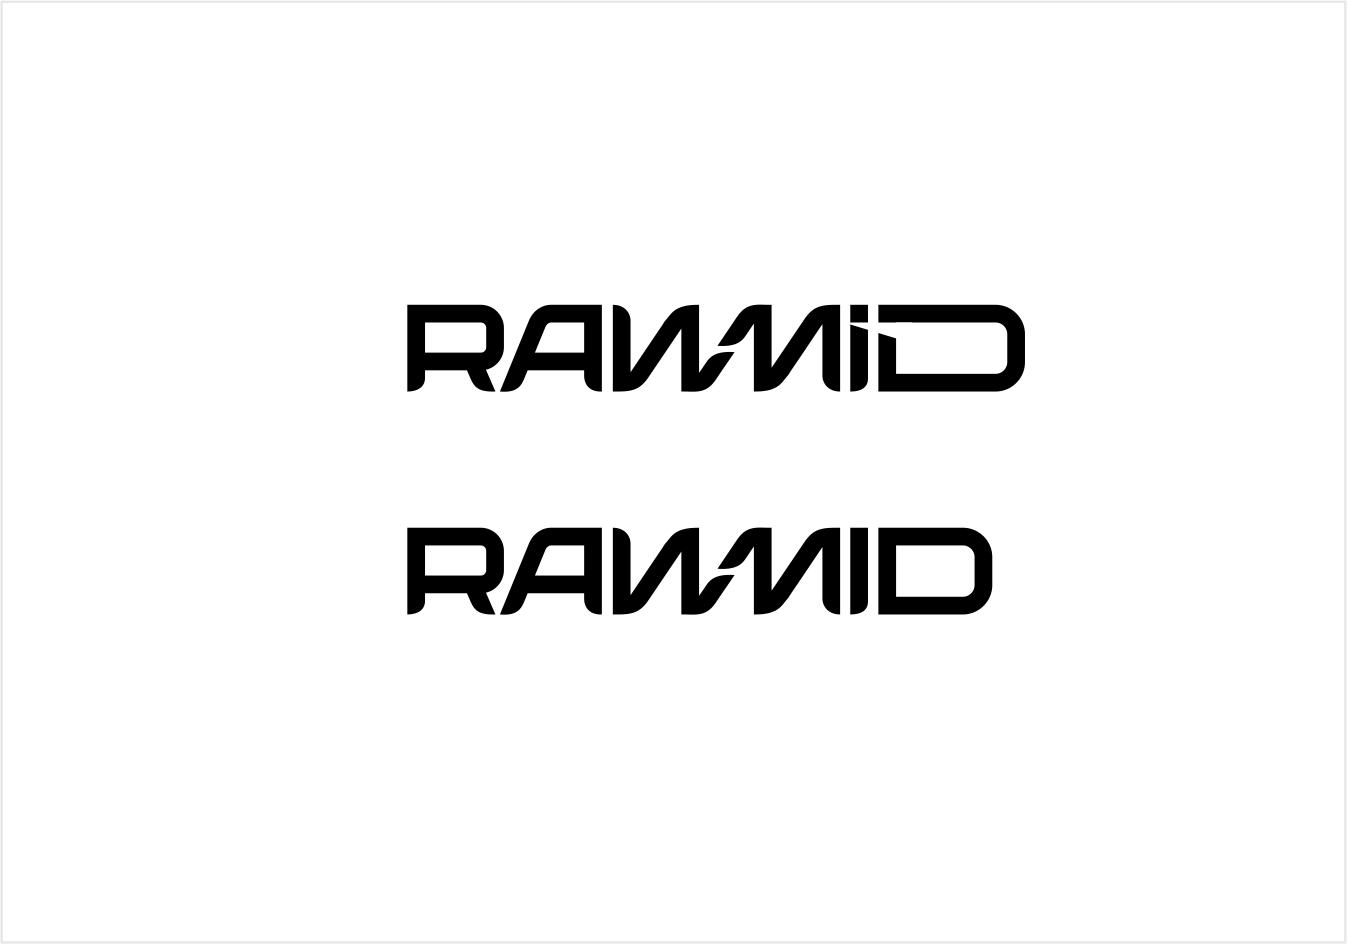 Создать логотип (буквенная часть) для бренда бытовой техники фото f_5115b45e104177bc.jpg